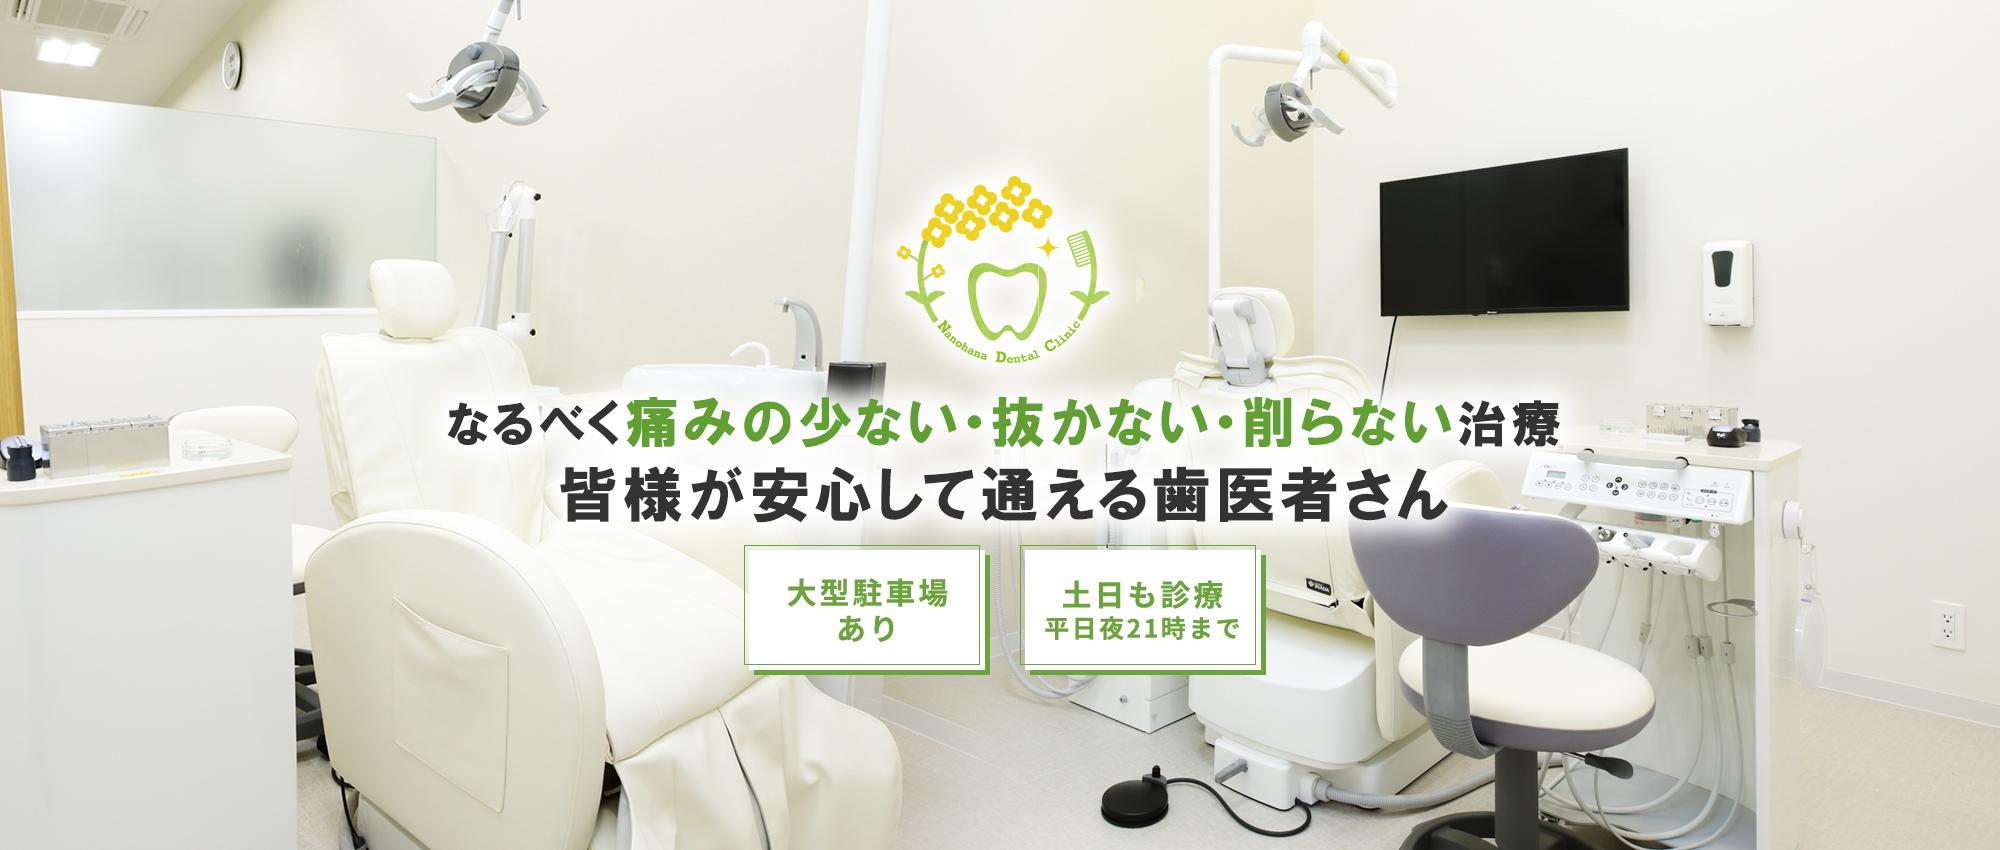 なるべく痛みの少ない・抜かない・削らない治療皆様が安心して通える歯医者さん